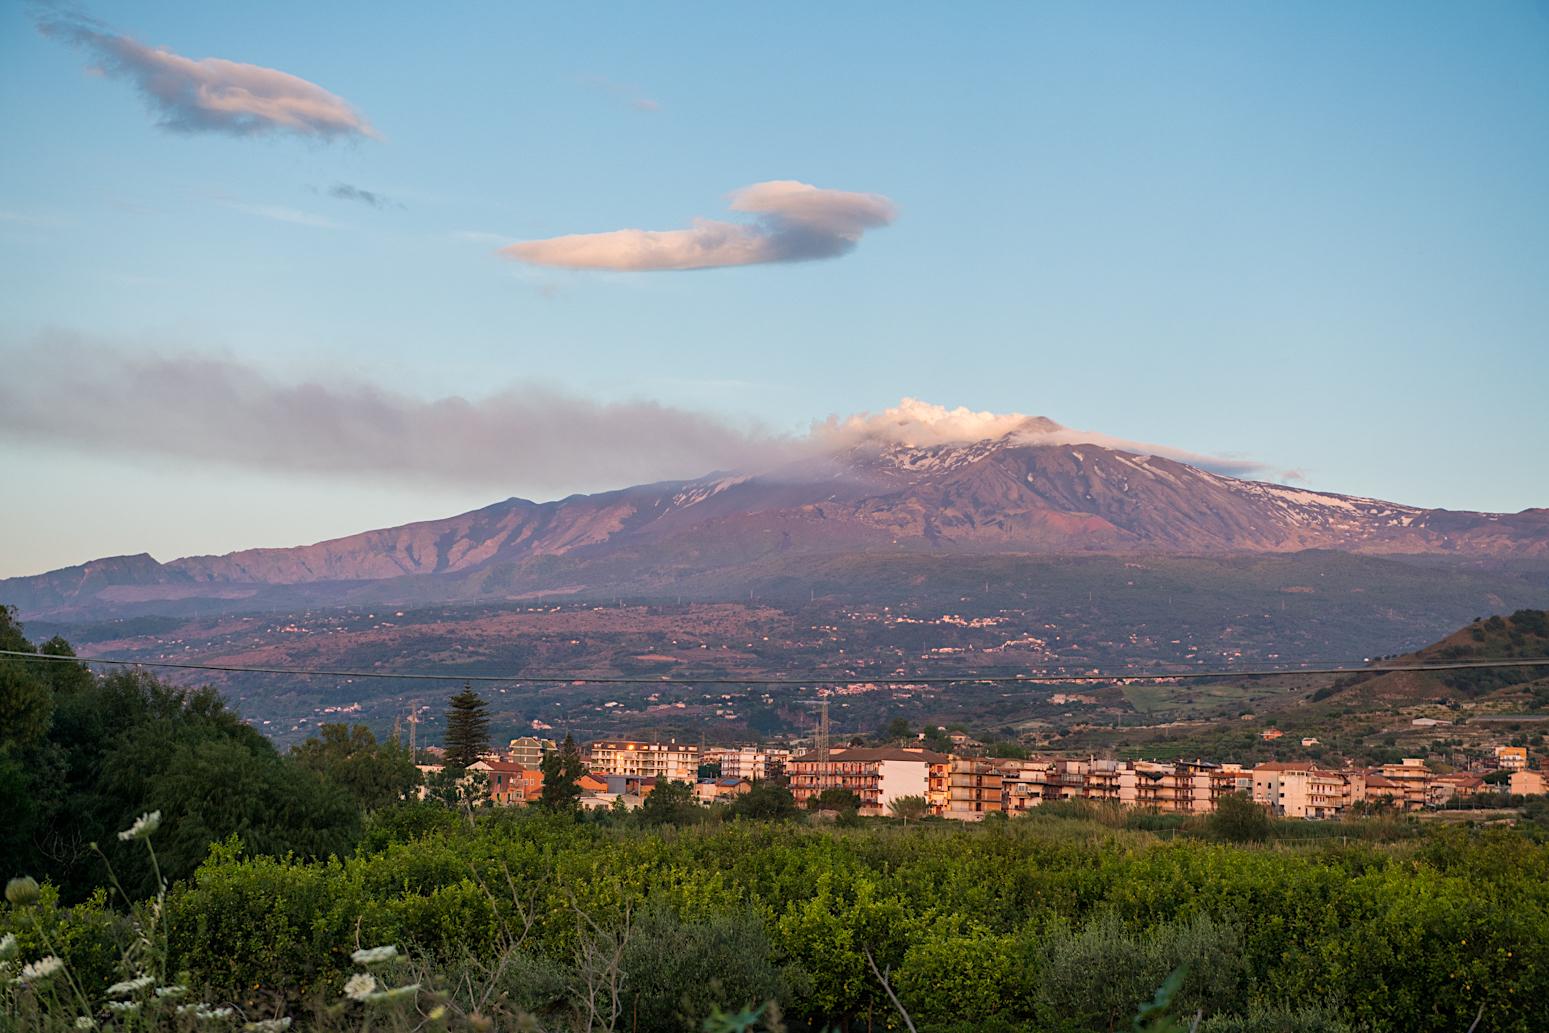 「火のワイン」を求めて イタリア・シチリア島のエトナ山